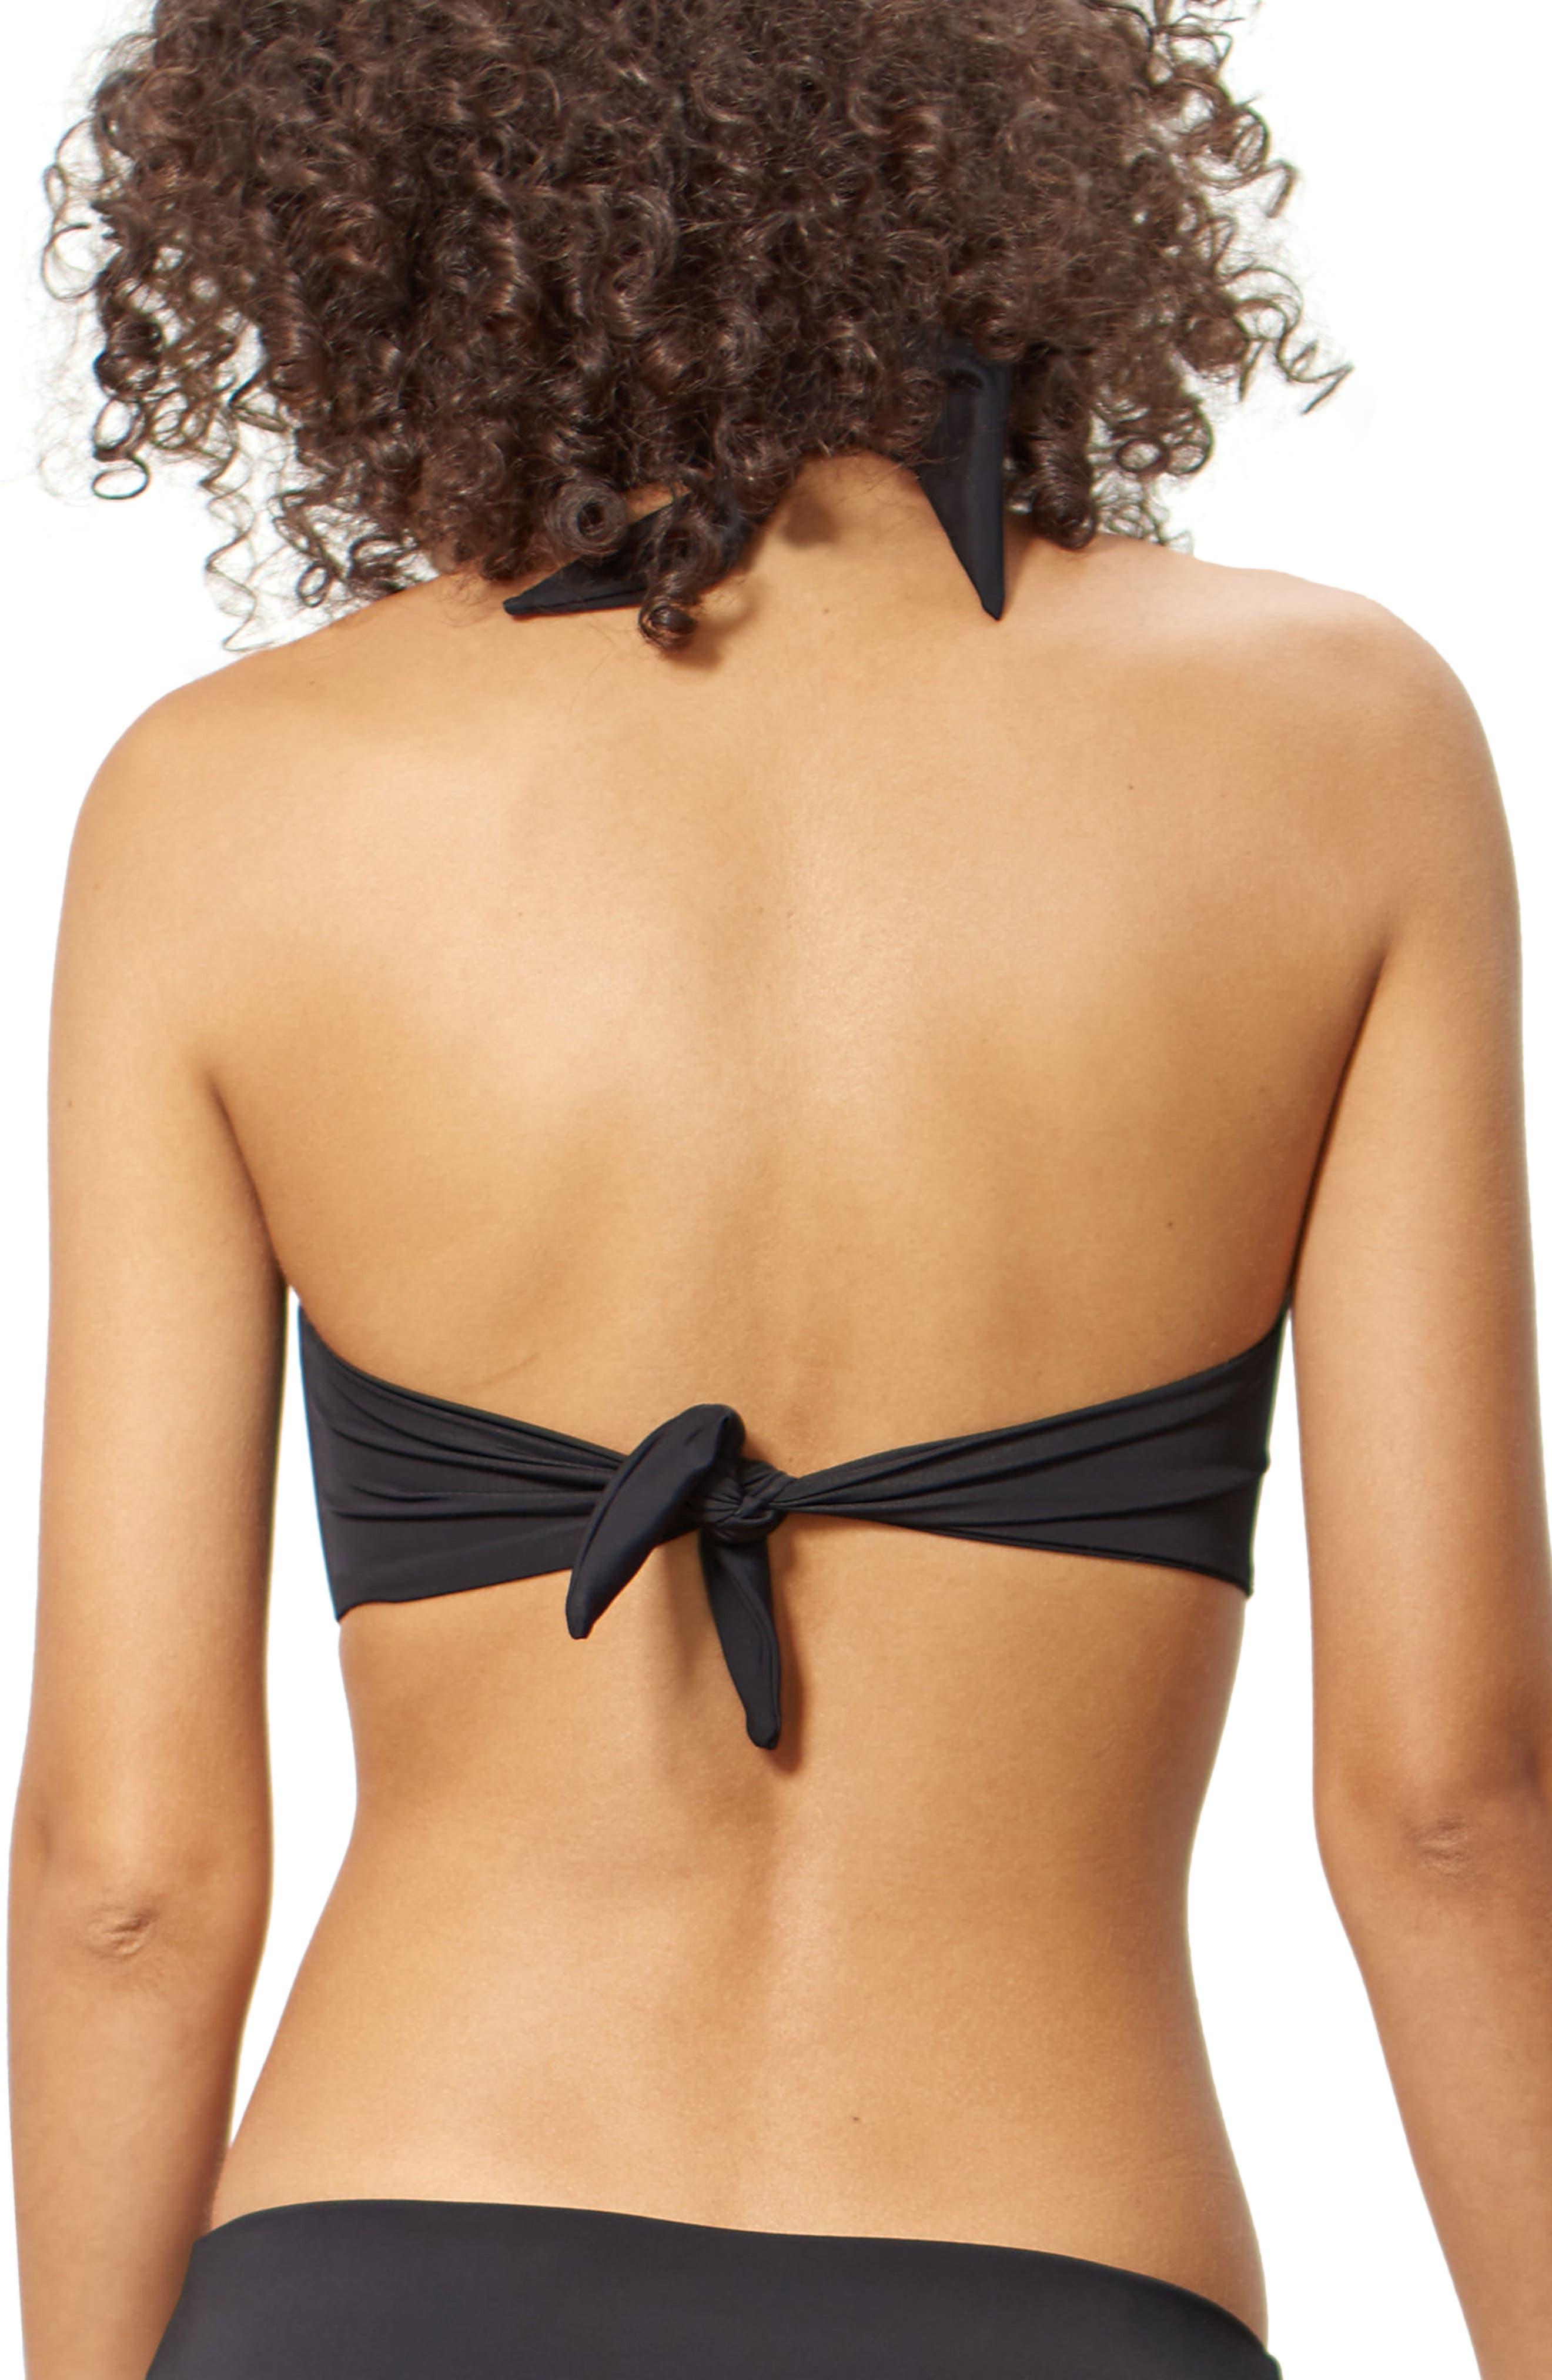 Odette Bikini Top,                             Alternate thumbnail 2, color,                             001